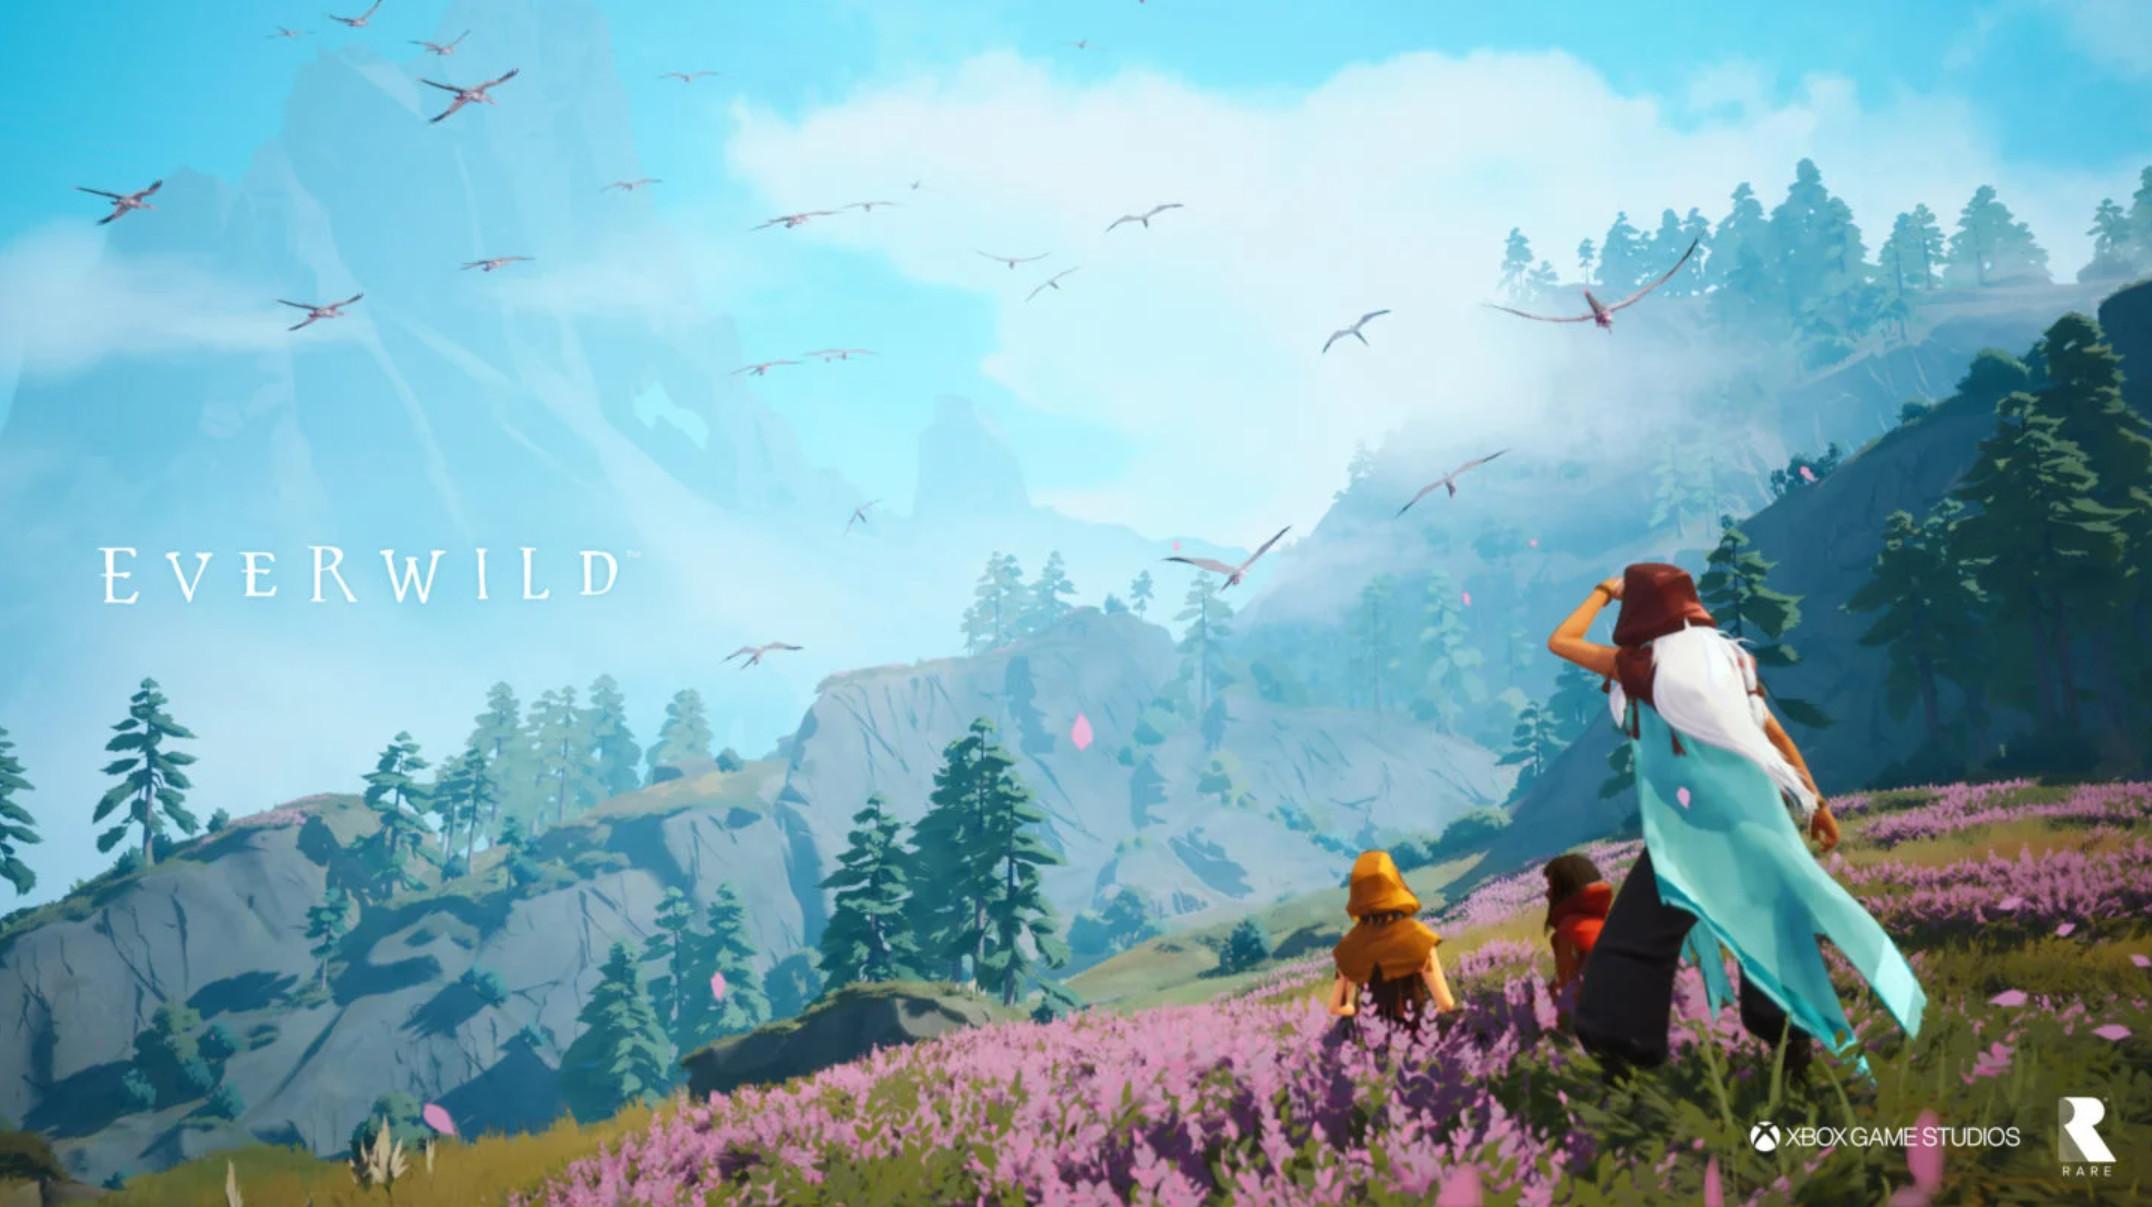 微软第一方游戏《Everwild》完全重启 至少2024年才发售